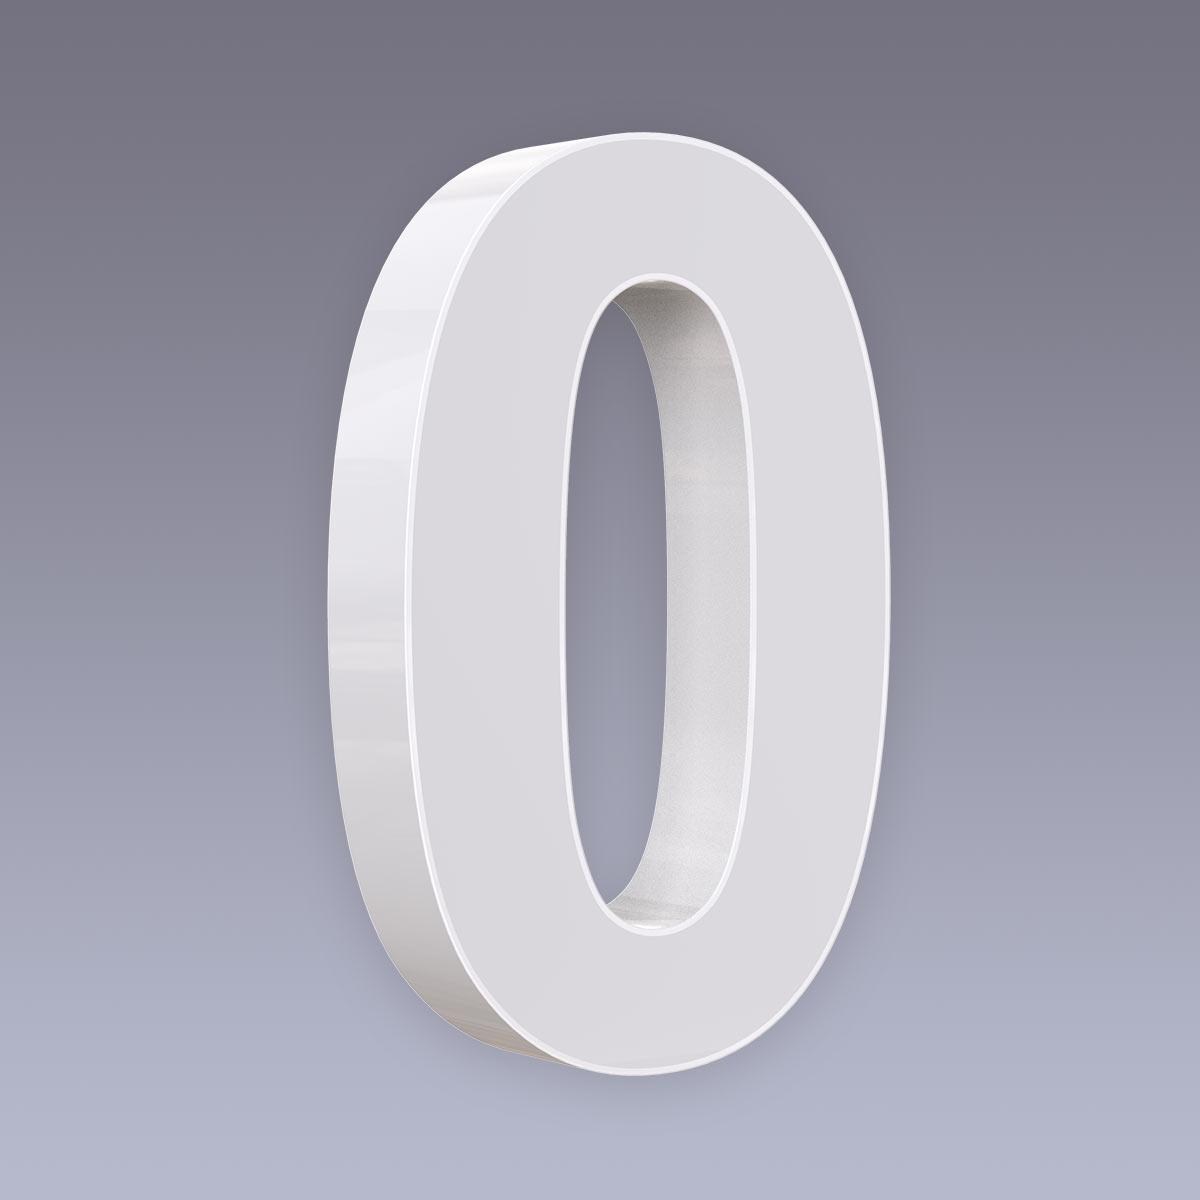 LED Hausnummer - 0 - CCT 12V 2700K/4000K/6500K